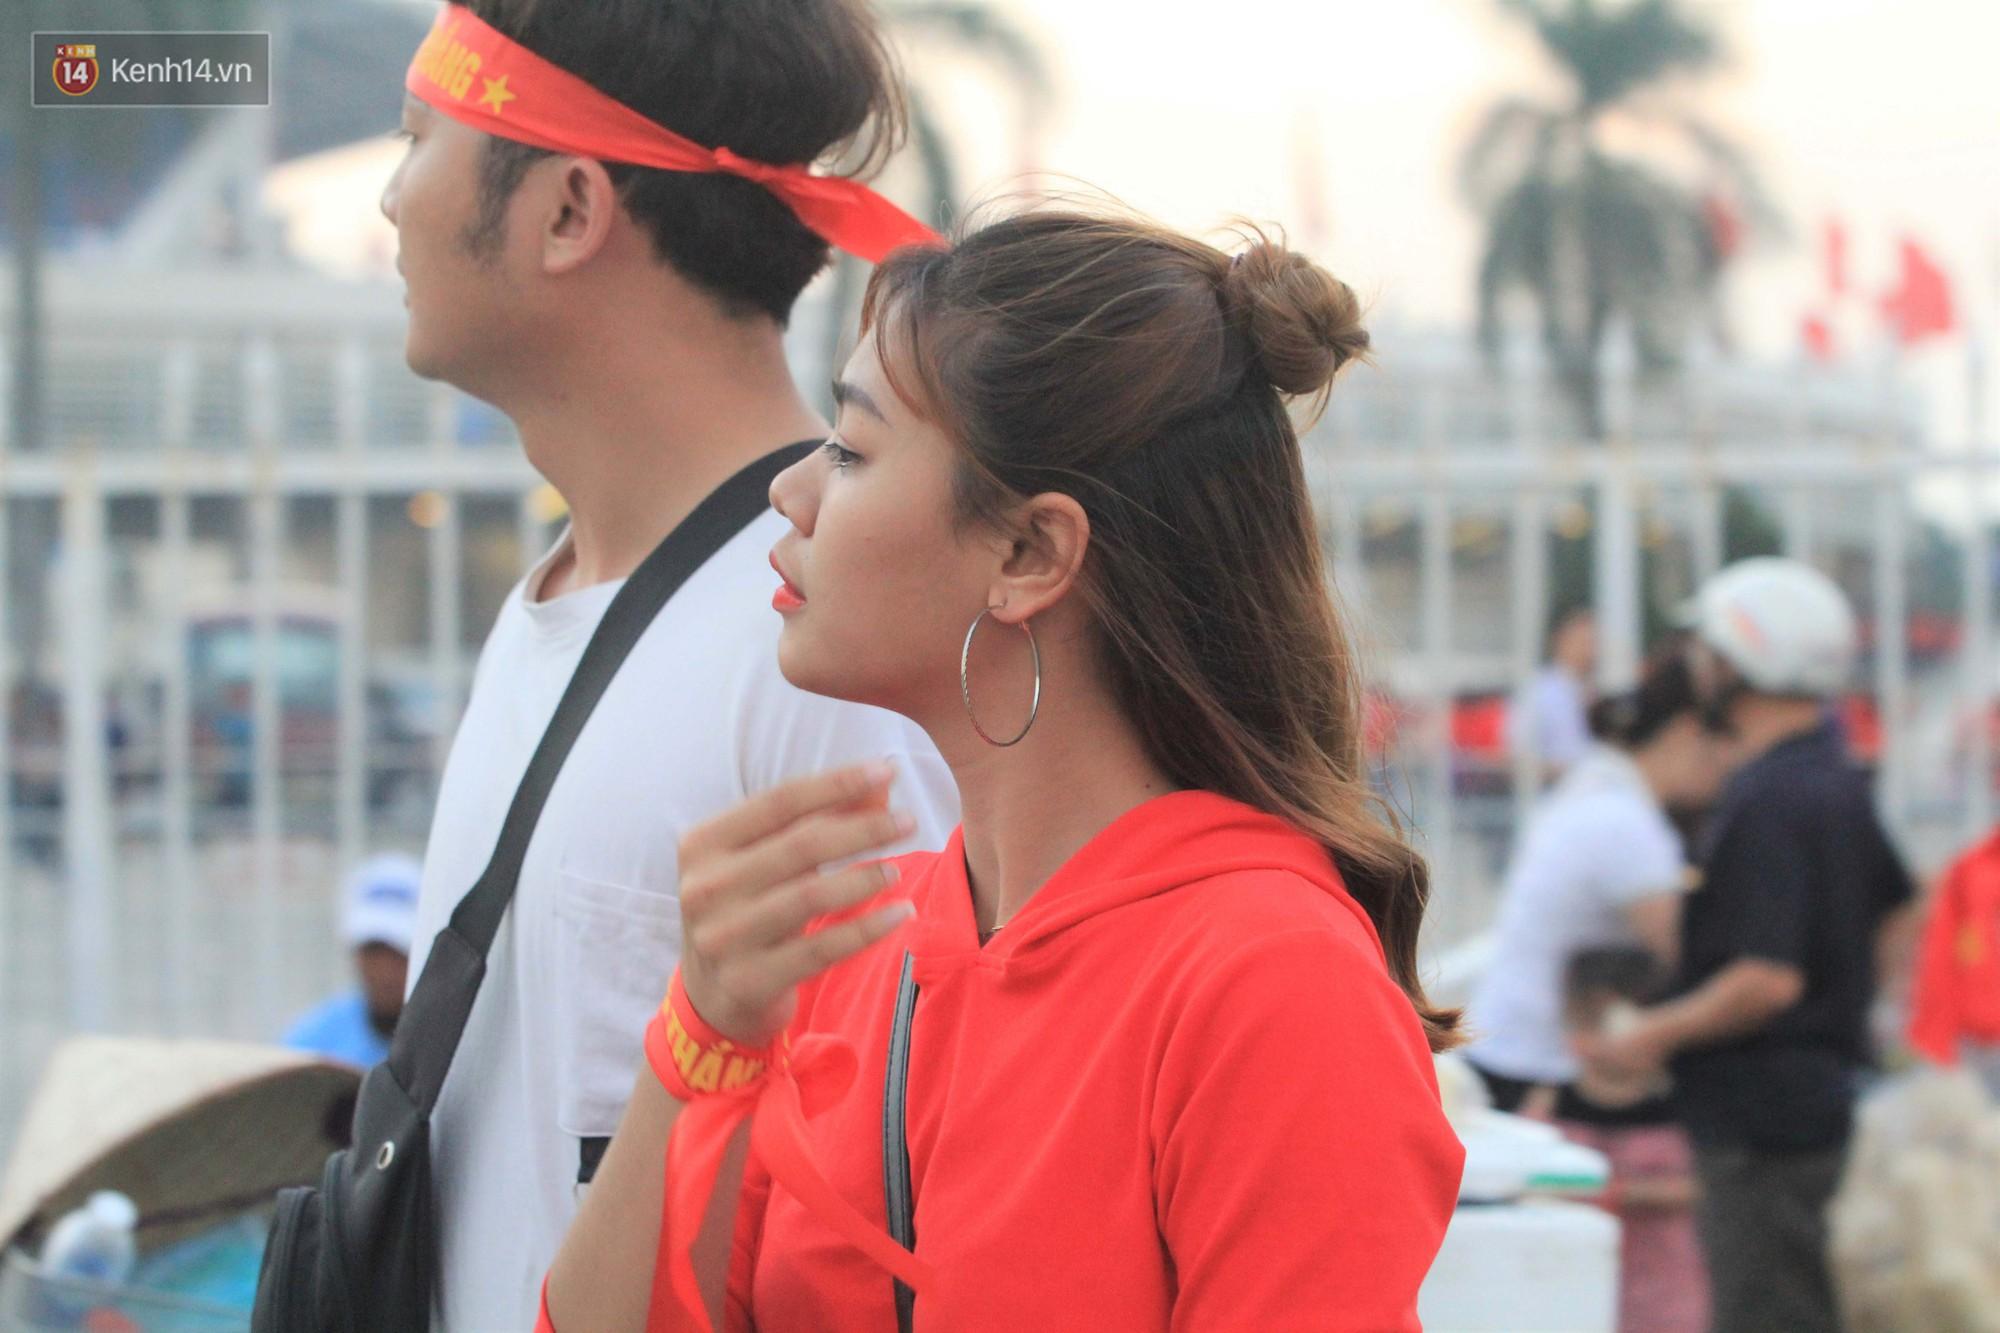 Loạt fan girl xinh xắn chiếm sóng tại Mỹ Đình trước trận bán kết Việt Nam - Philippines - Ảnh 11.